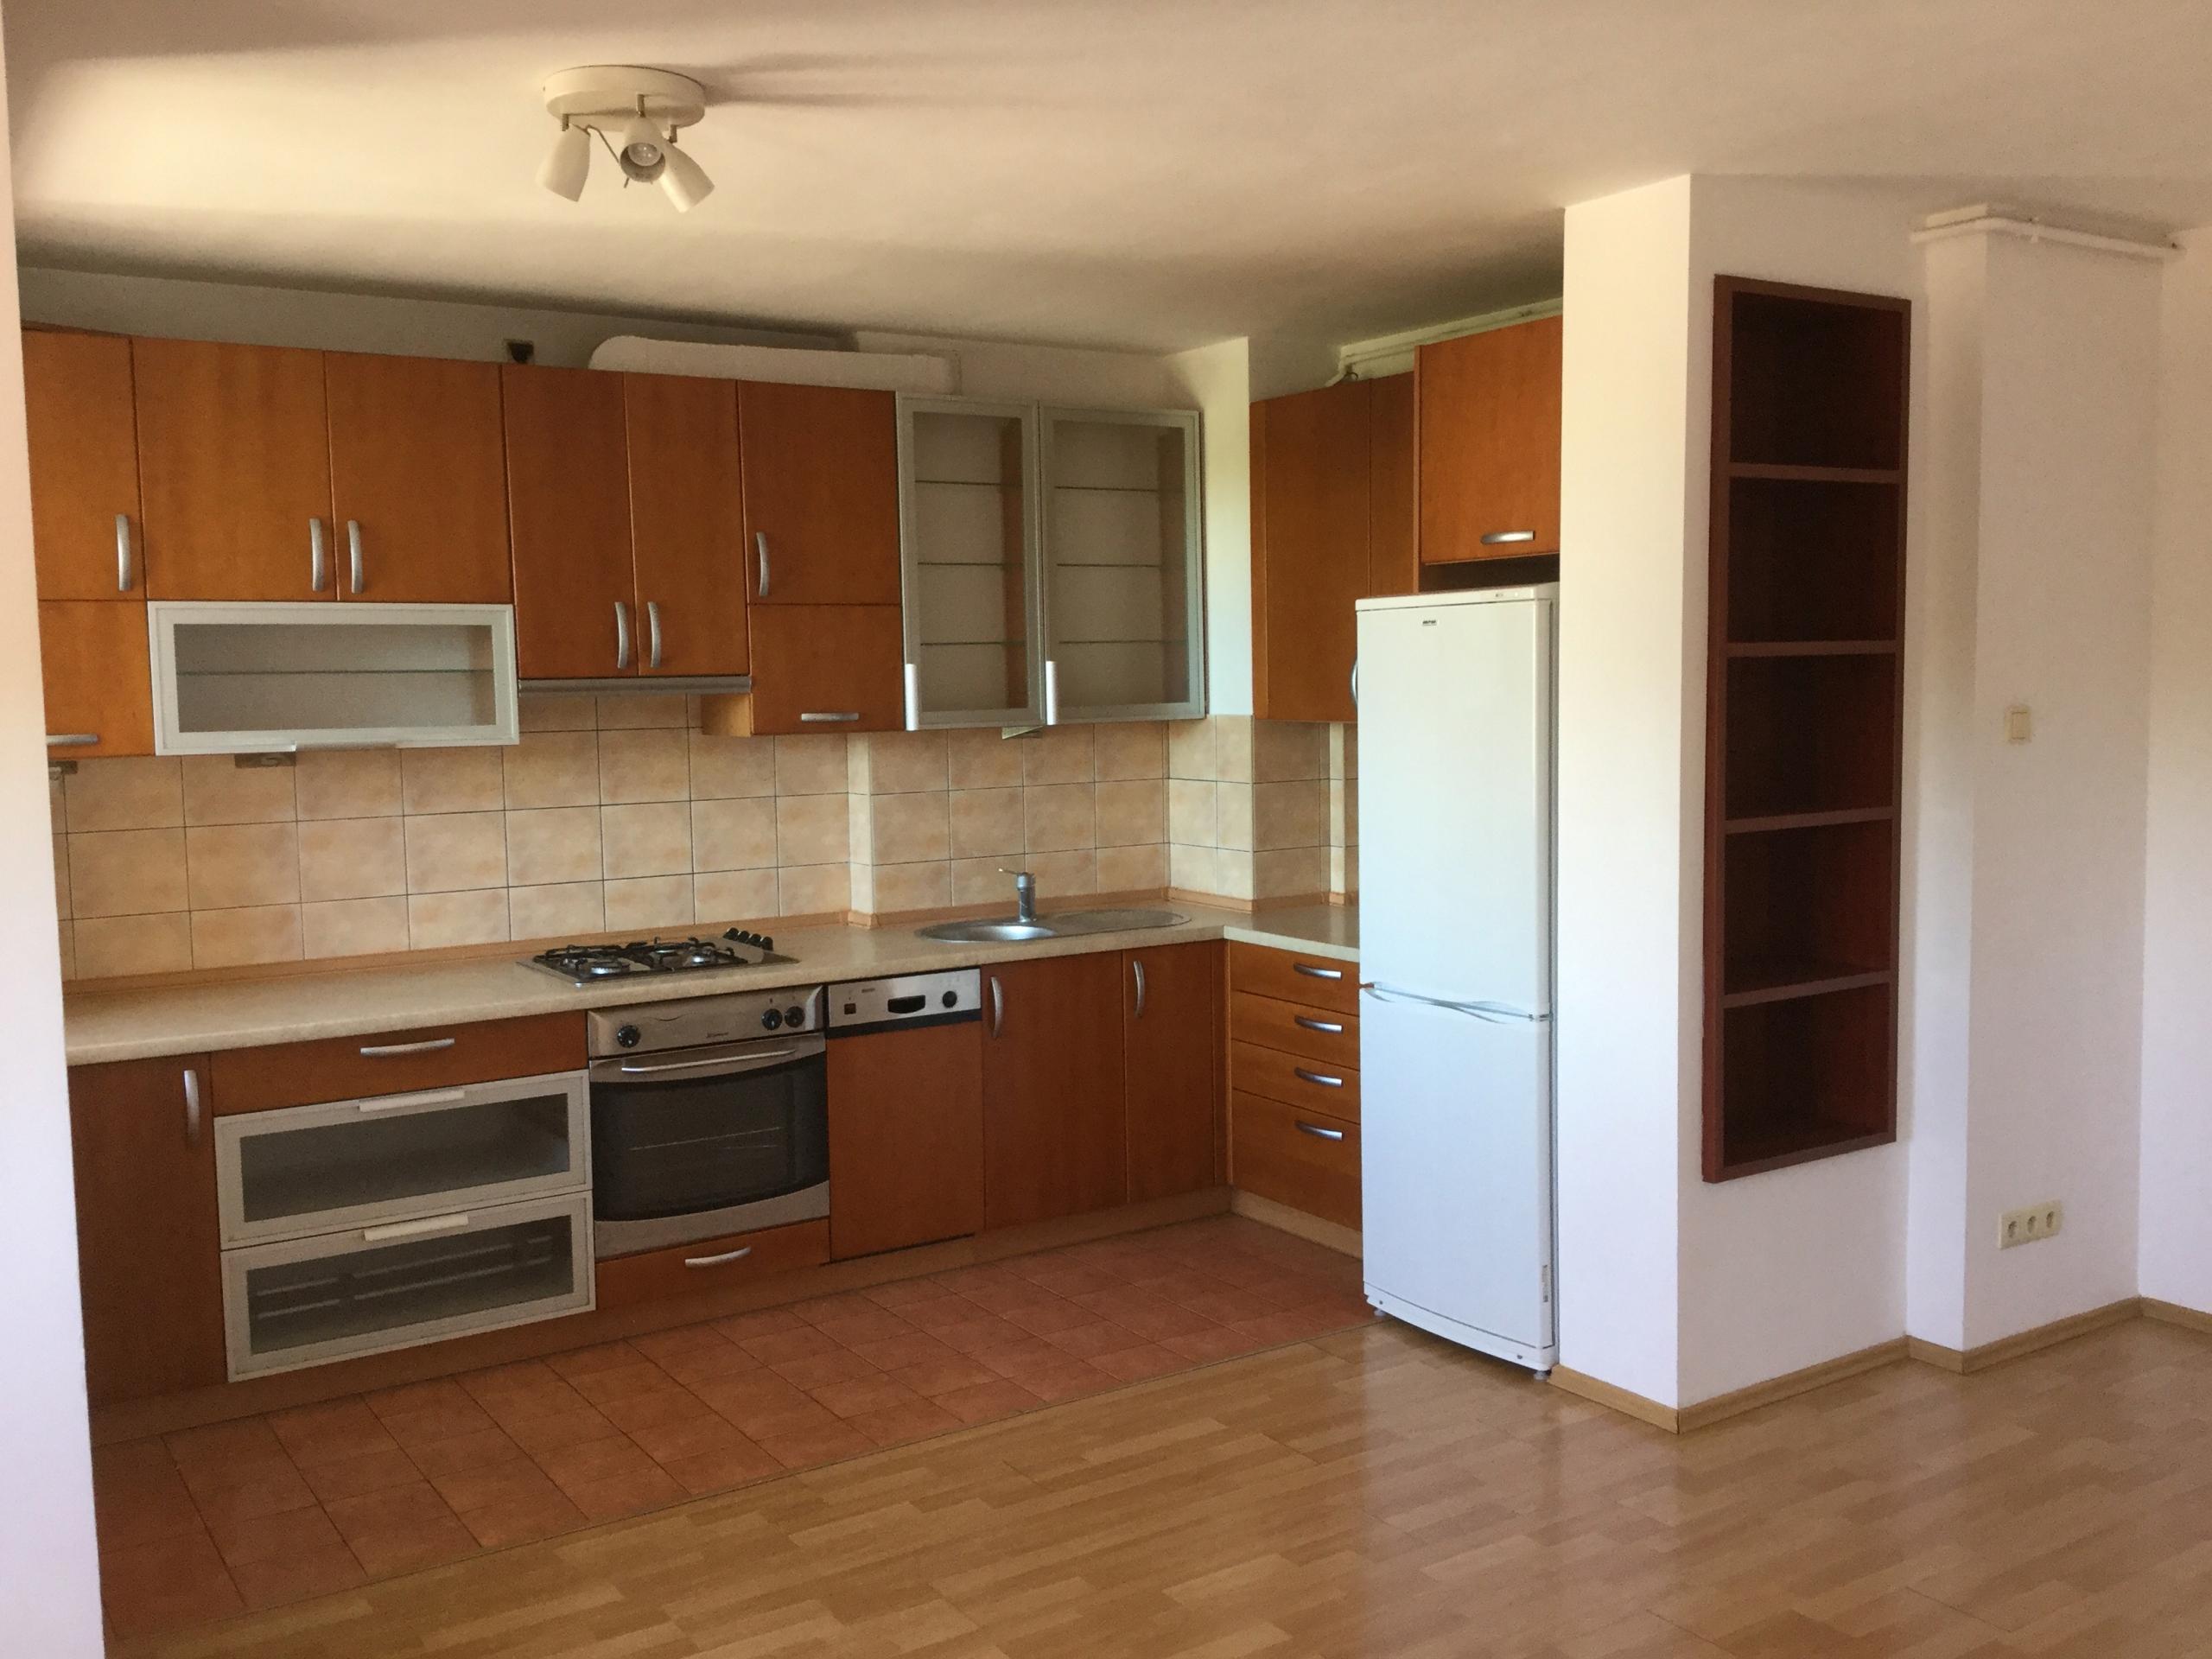 mieszkanie 52 m2 2 pokoje ochrona Zielonka